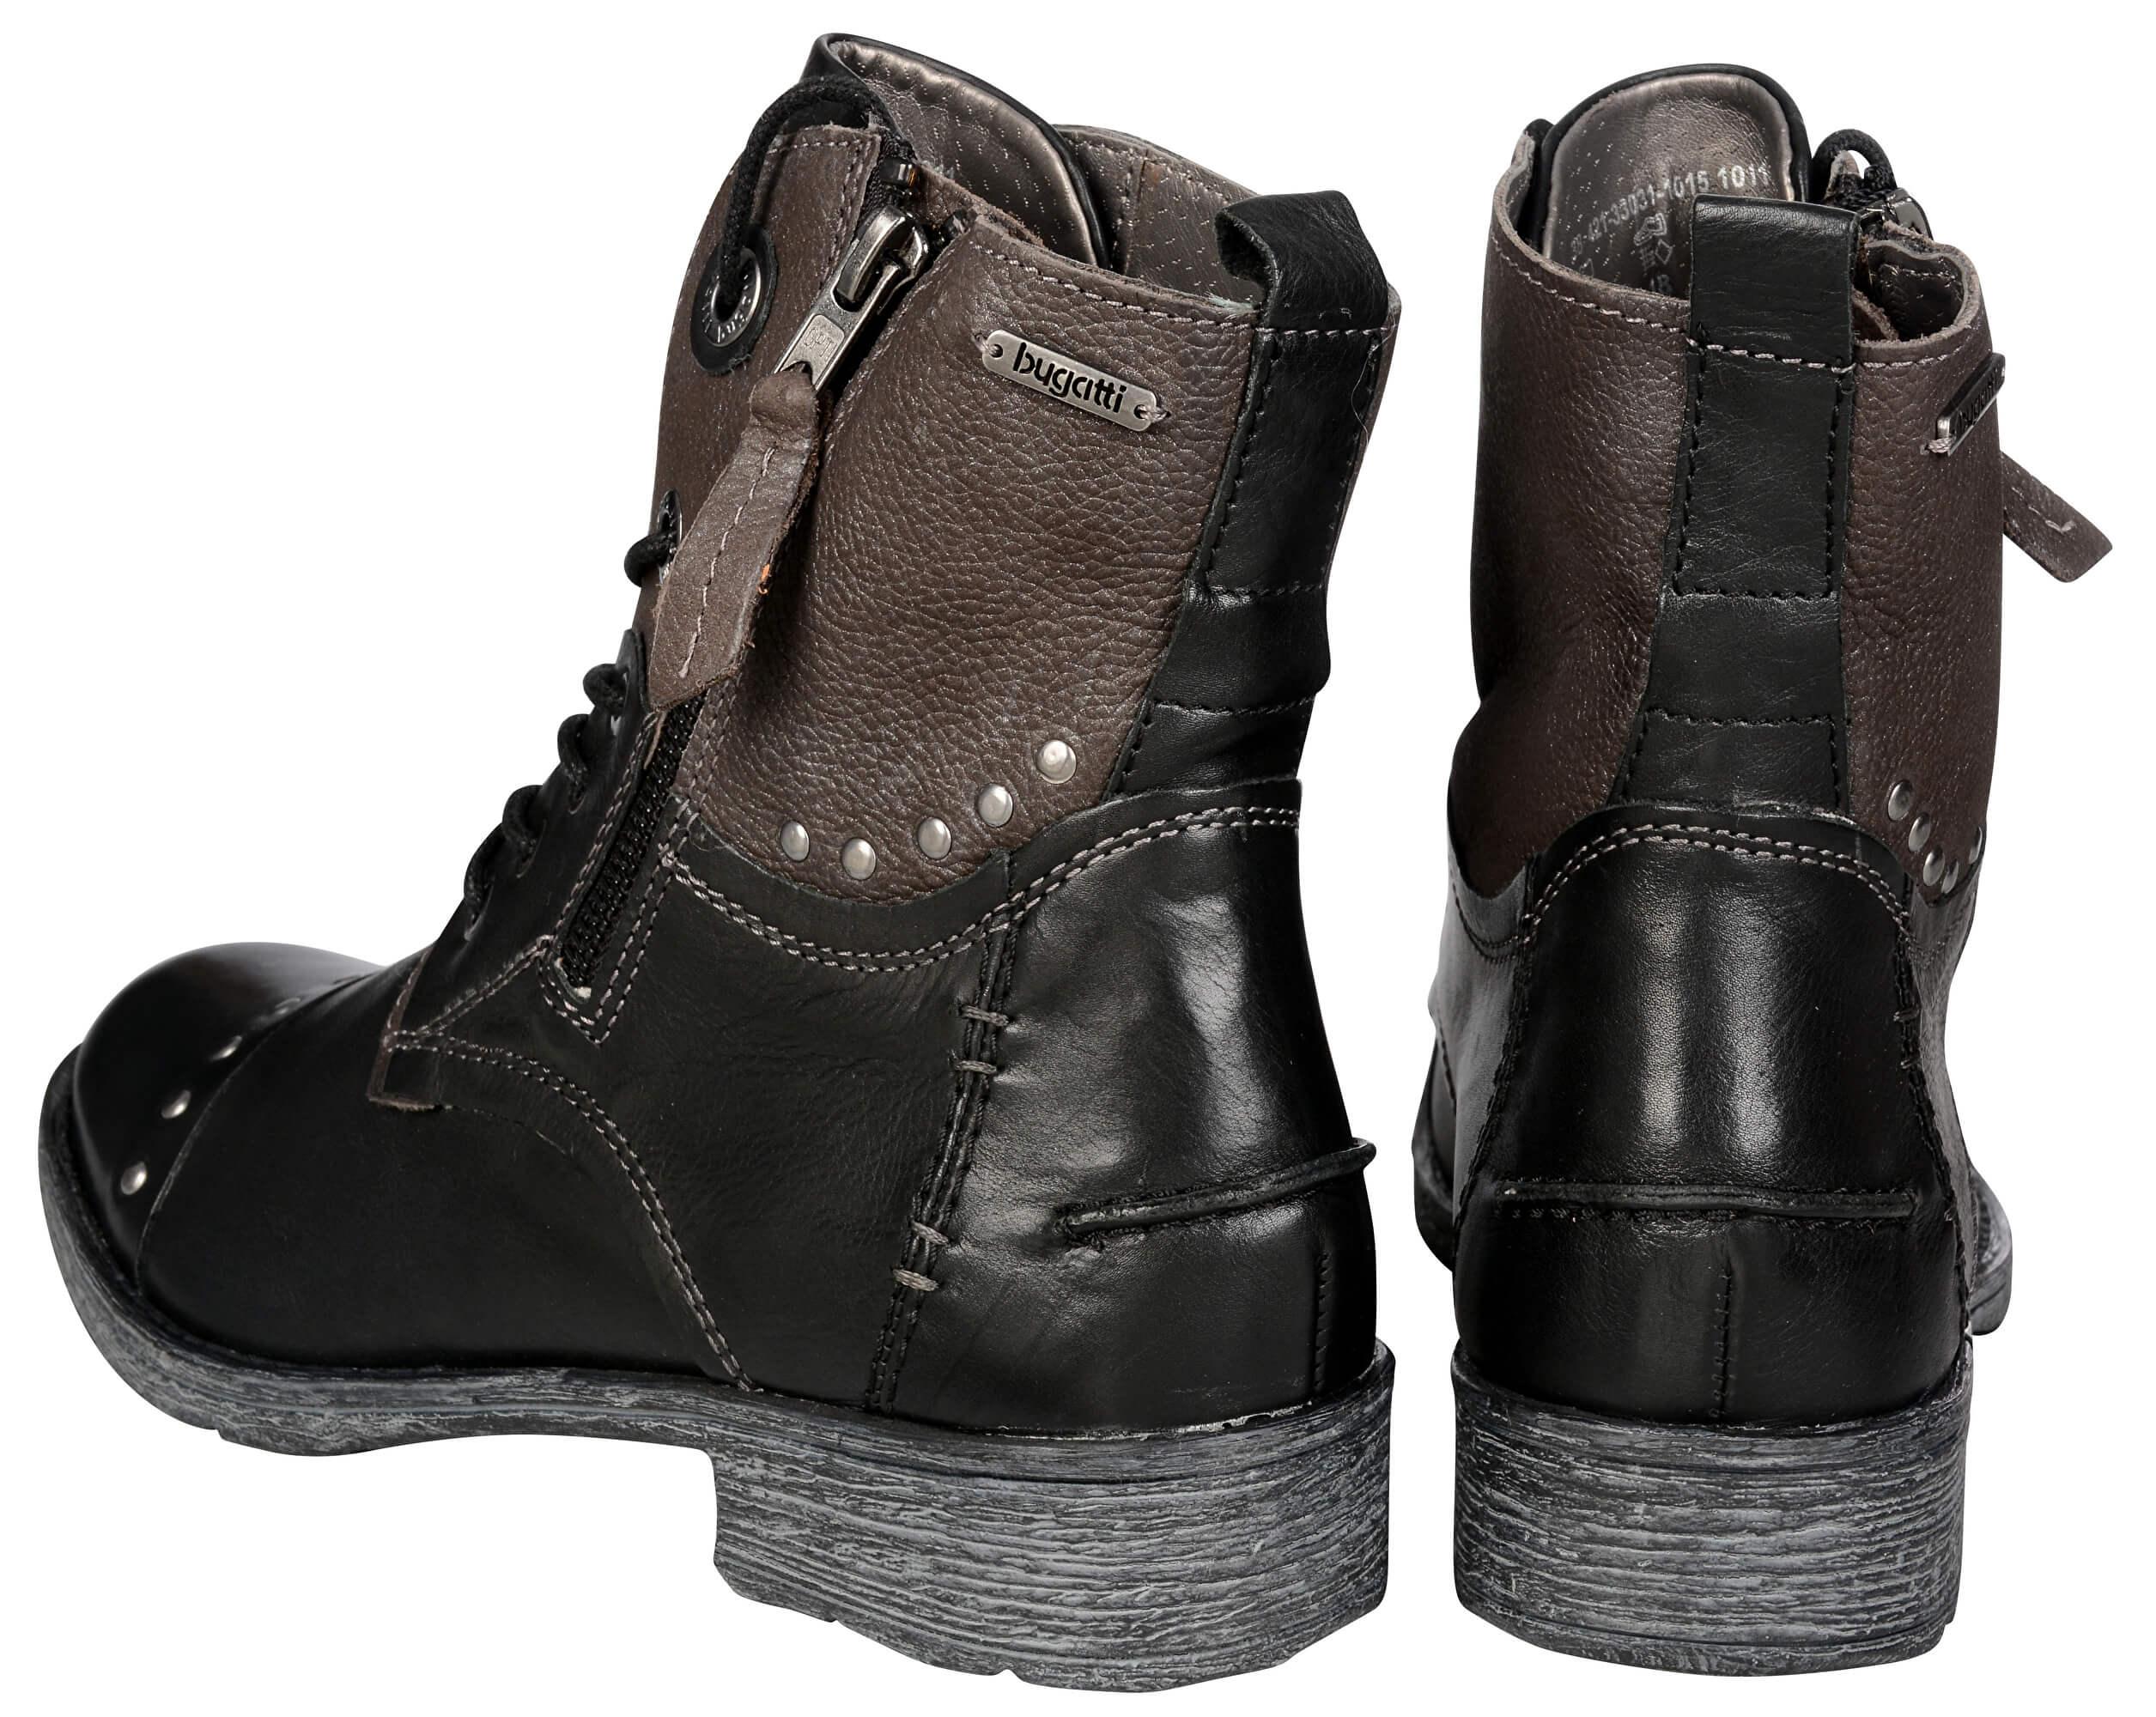 7e1783f7b46 Bugatti Dámské kožené kotníkové boty Kyra 421330311015-1011 Black Dark  Grey. Předchozí  Další